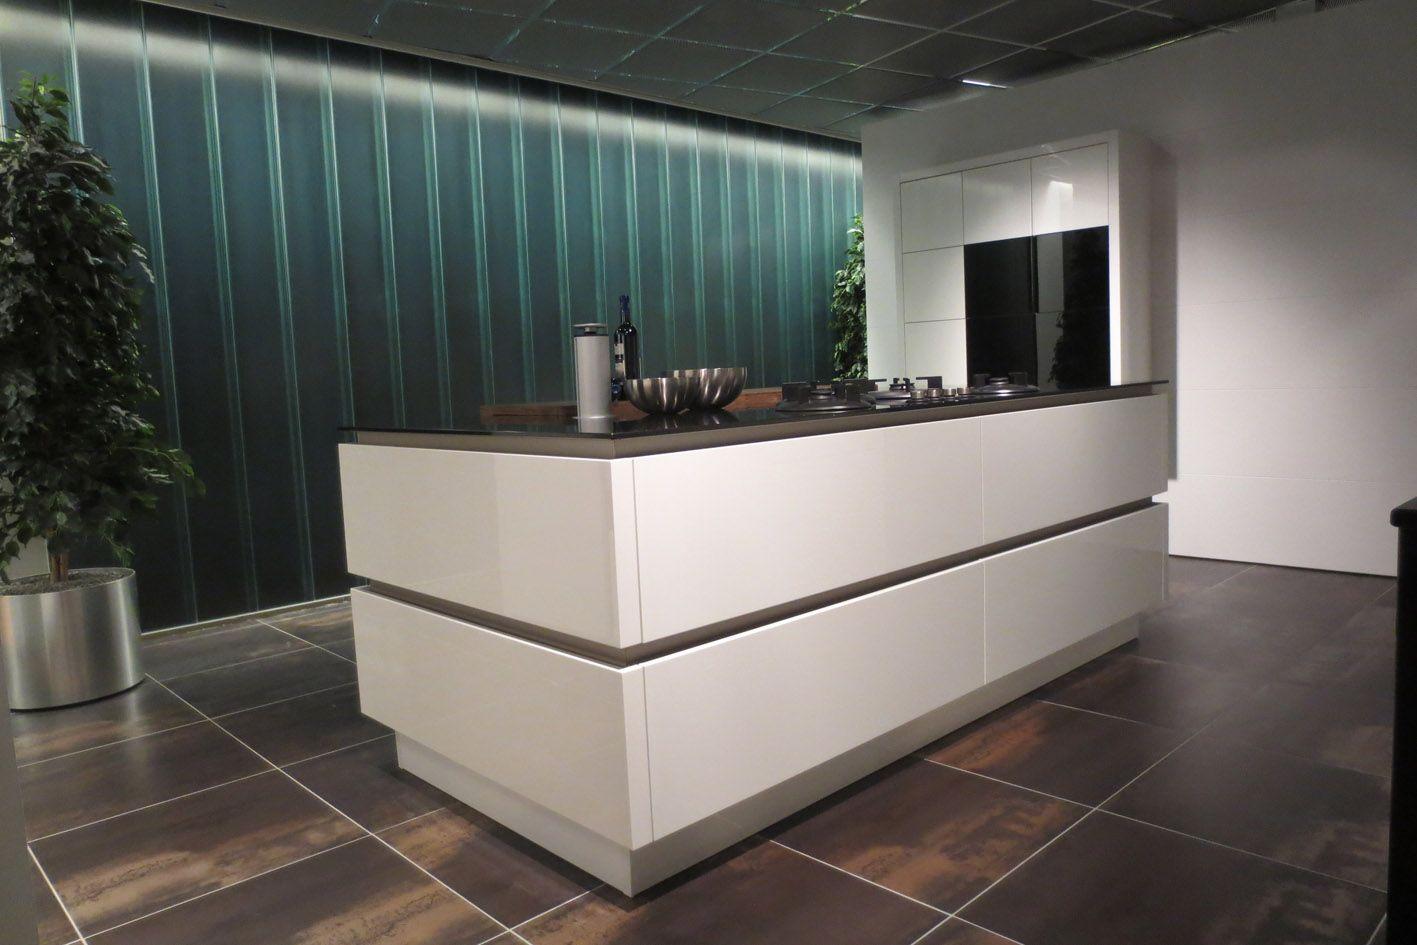 De voordeligste woonwinkel van nederland strakke witte eilandkeuken y31 - Model keuken wit gelakt ...